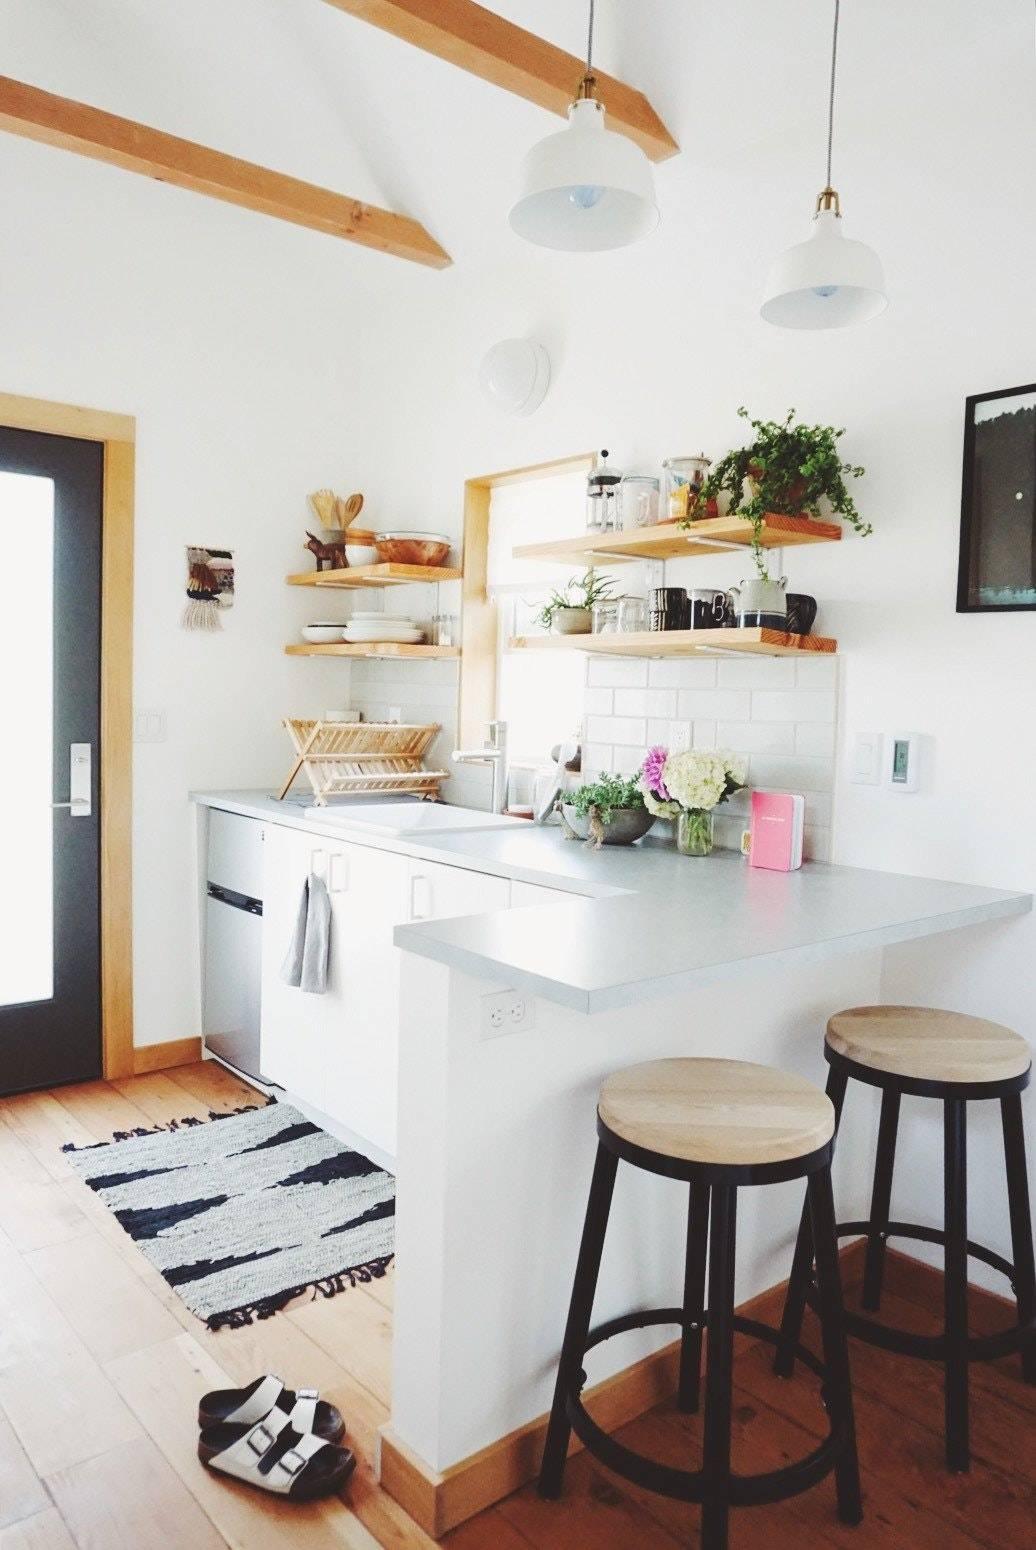 Cocinas peque as modernas y funcionales revista for Muebles para cocinas muy pequenas